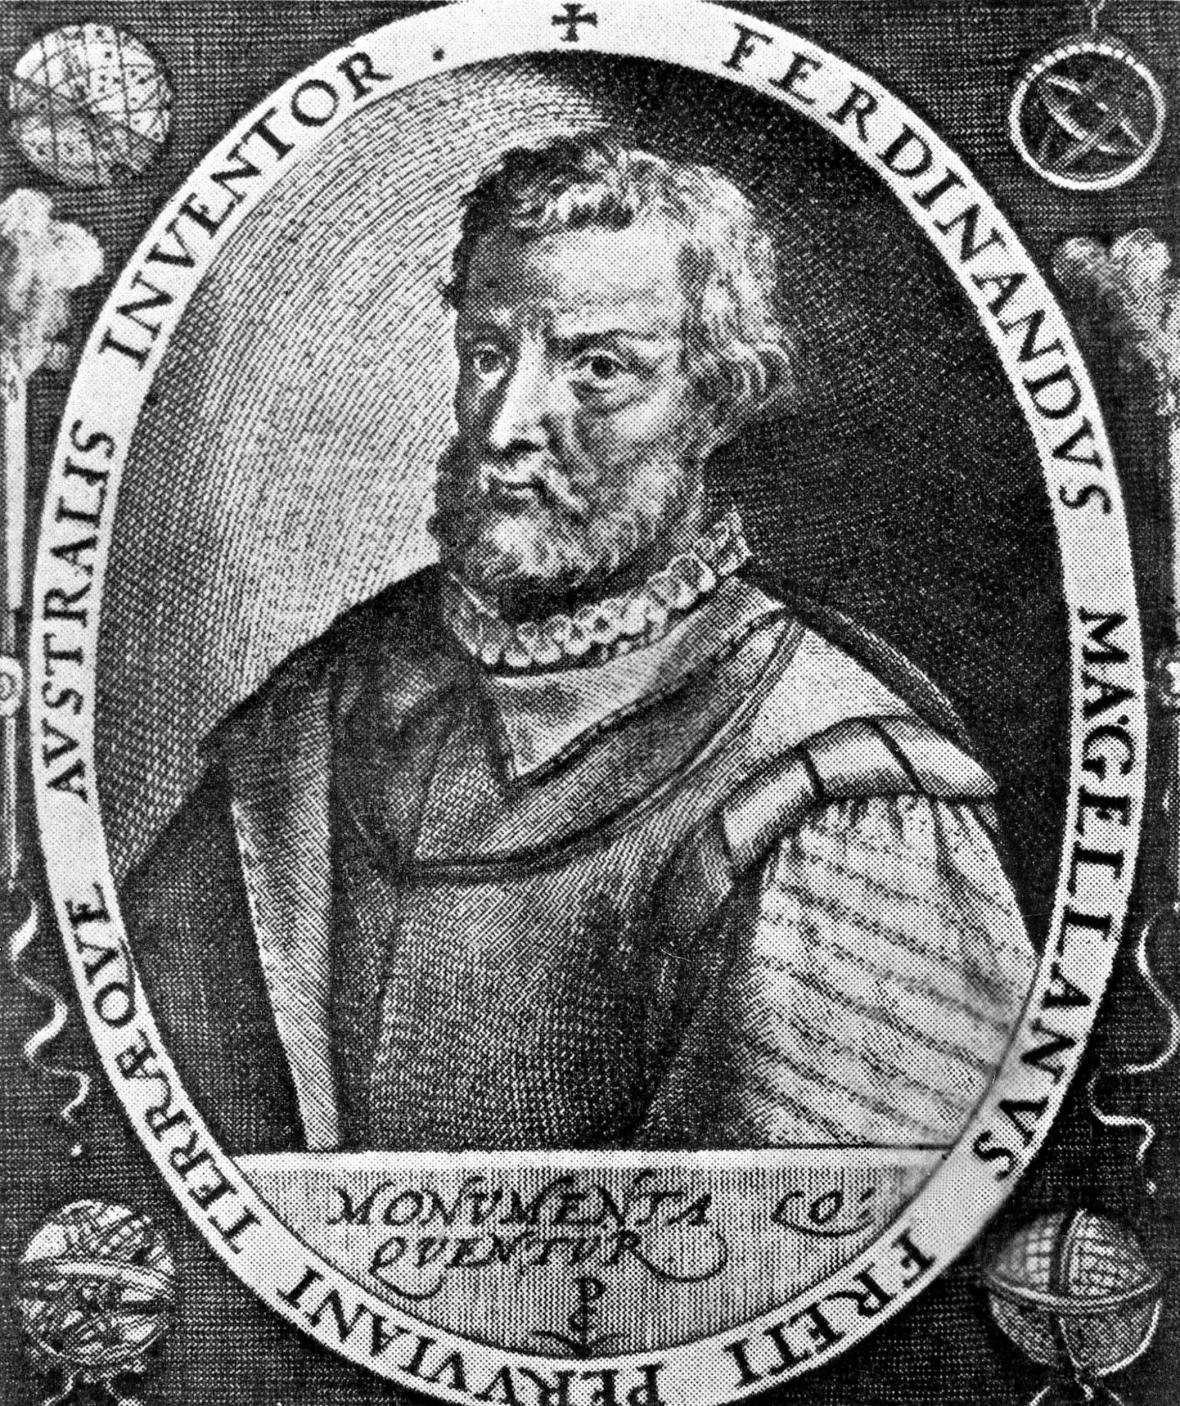 Historické obrazy portugalského mořeplavce Fernão de Magalhãese (1480-1521)